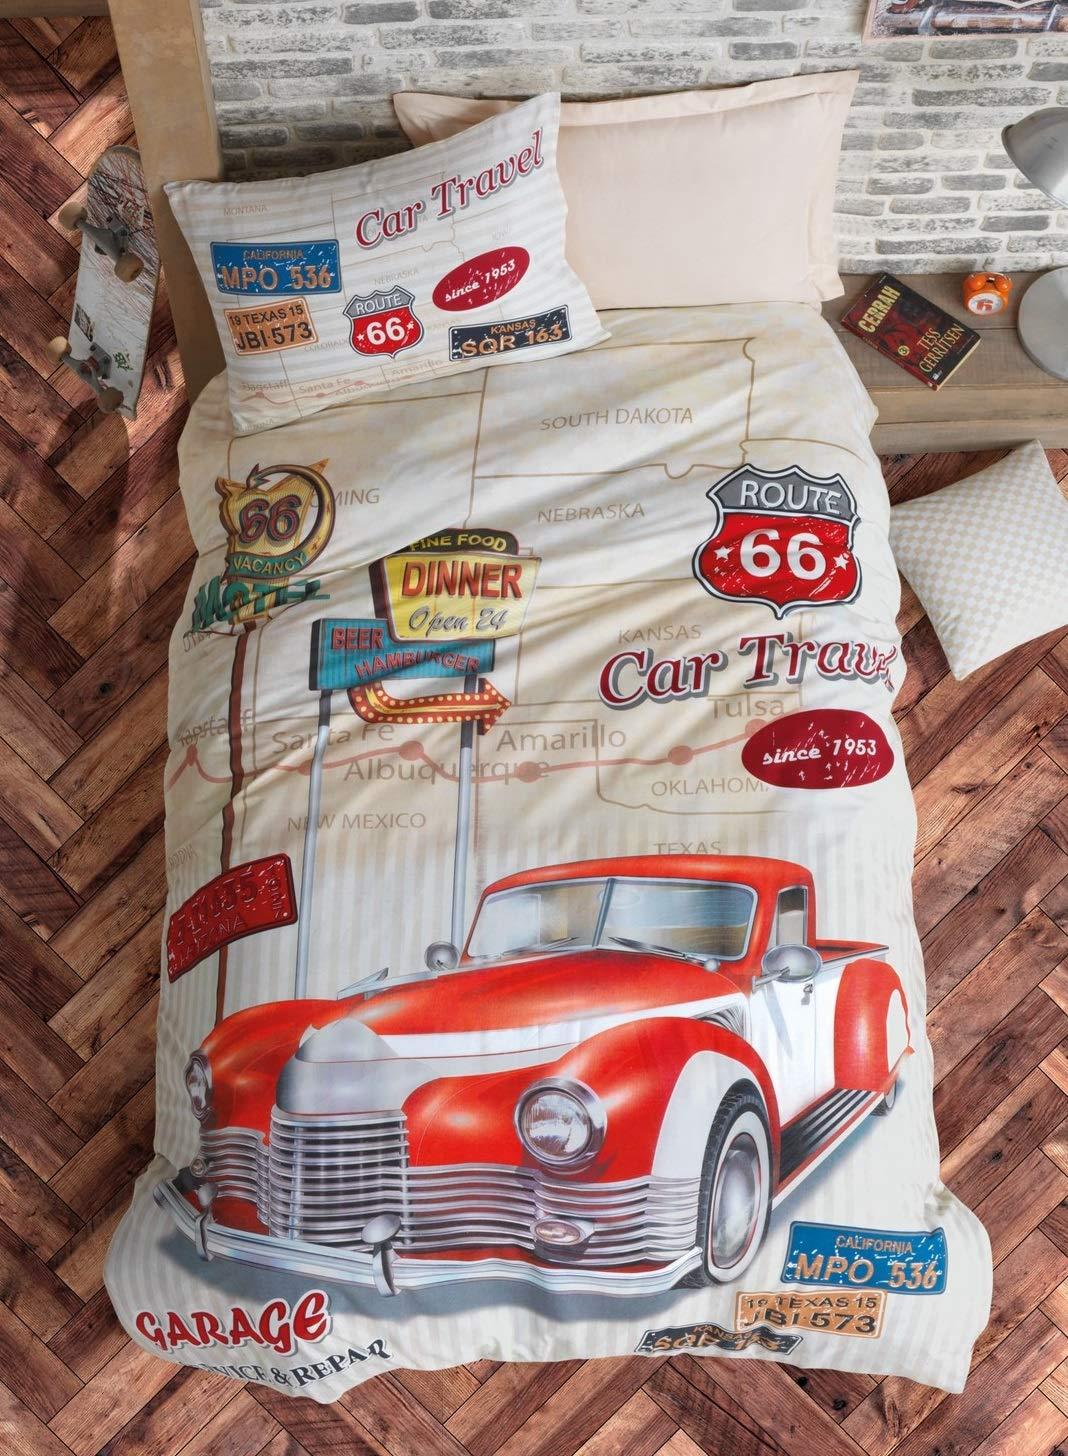 OZINCI Travel Route 100% Cotton Cars Bedding Set, Vintage Car Themed Single/Twin Size Duvet Cover Set, Beige, Boys Bed Set Kids Bedroom (3 Pieces)